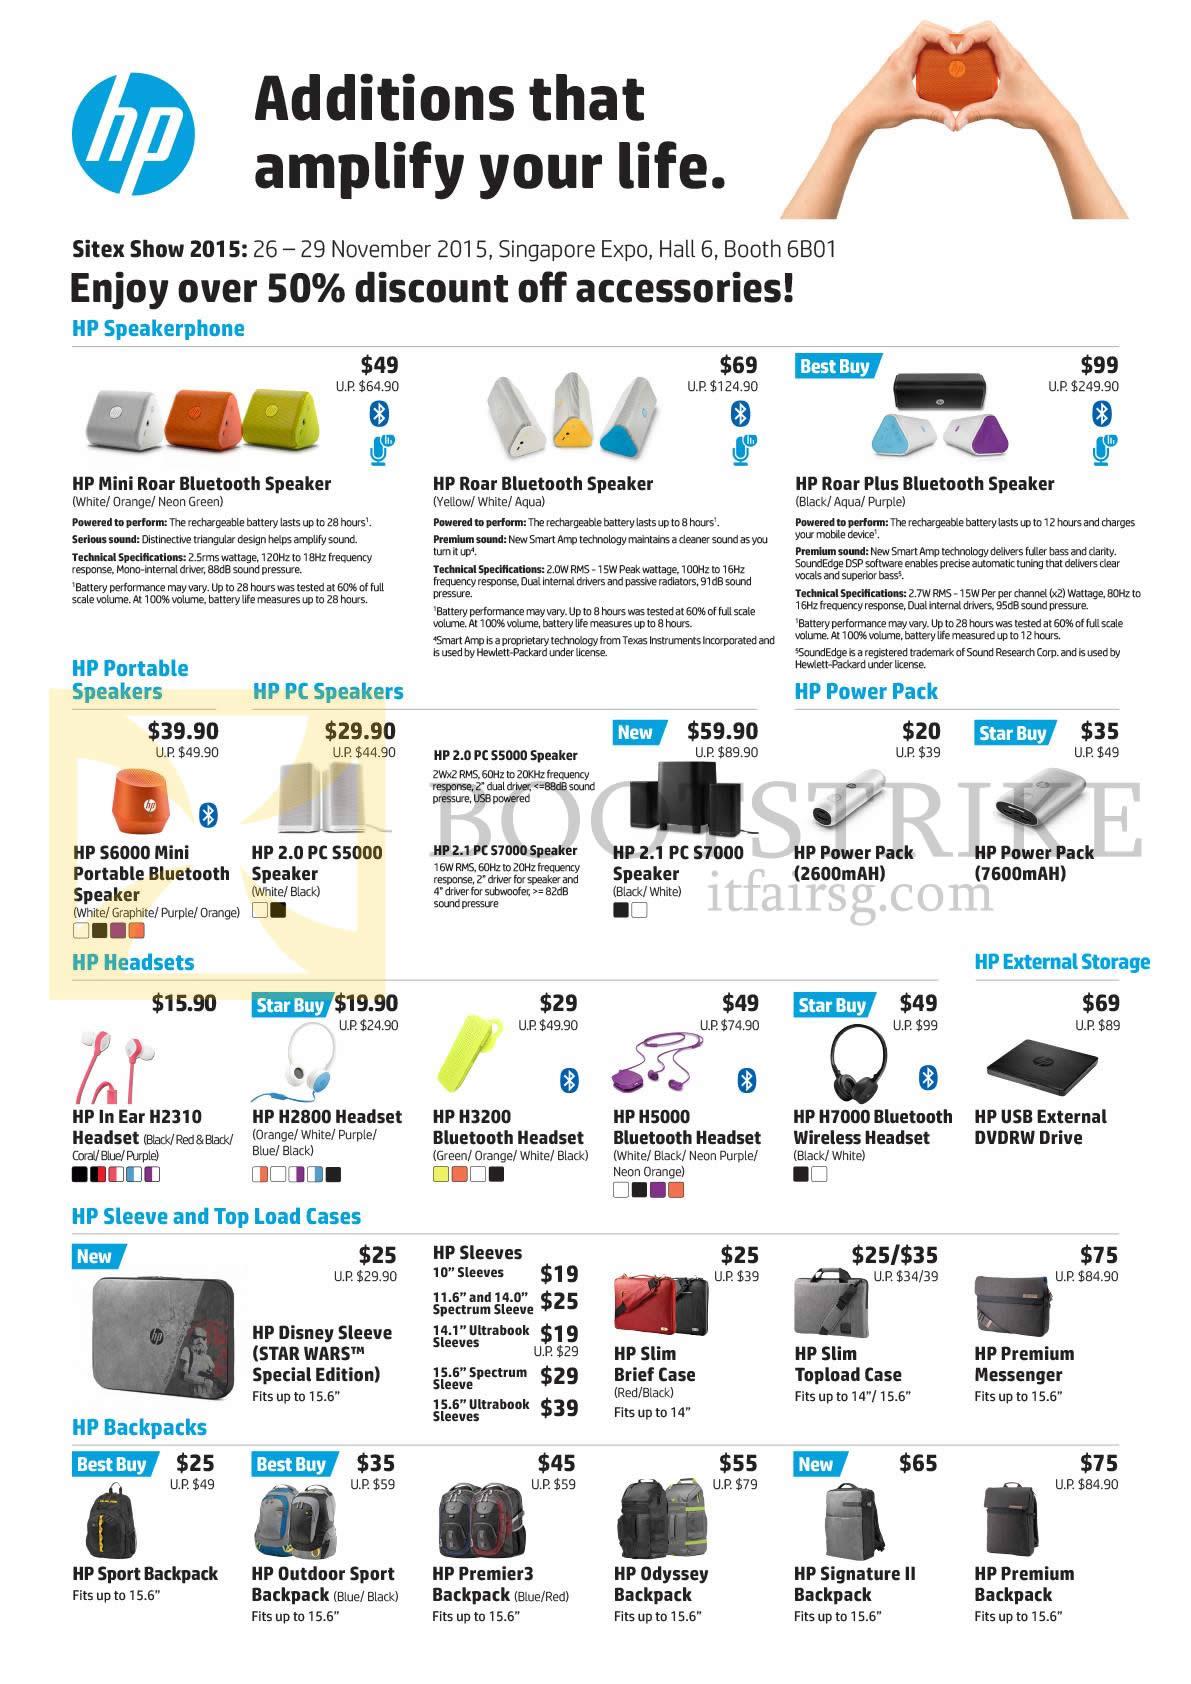 SITEX 2015 price list image brochure of HP Accessories Speakers, Power Pack, External Storage, Headsets, Sleeve N Top Load Cases, Backpacks, Earphones, Bluetooth Speakers